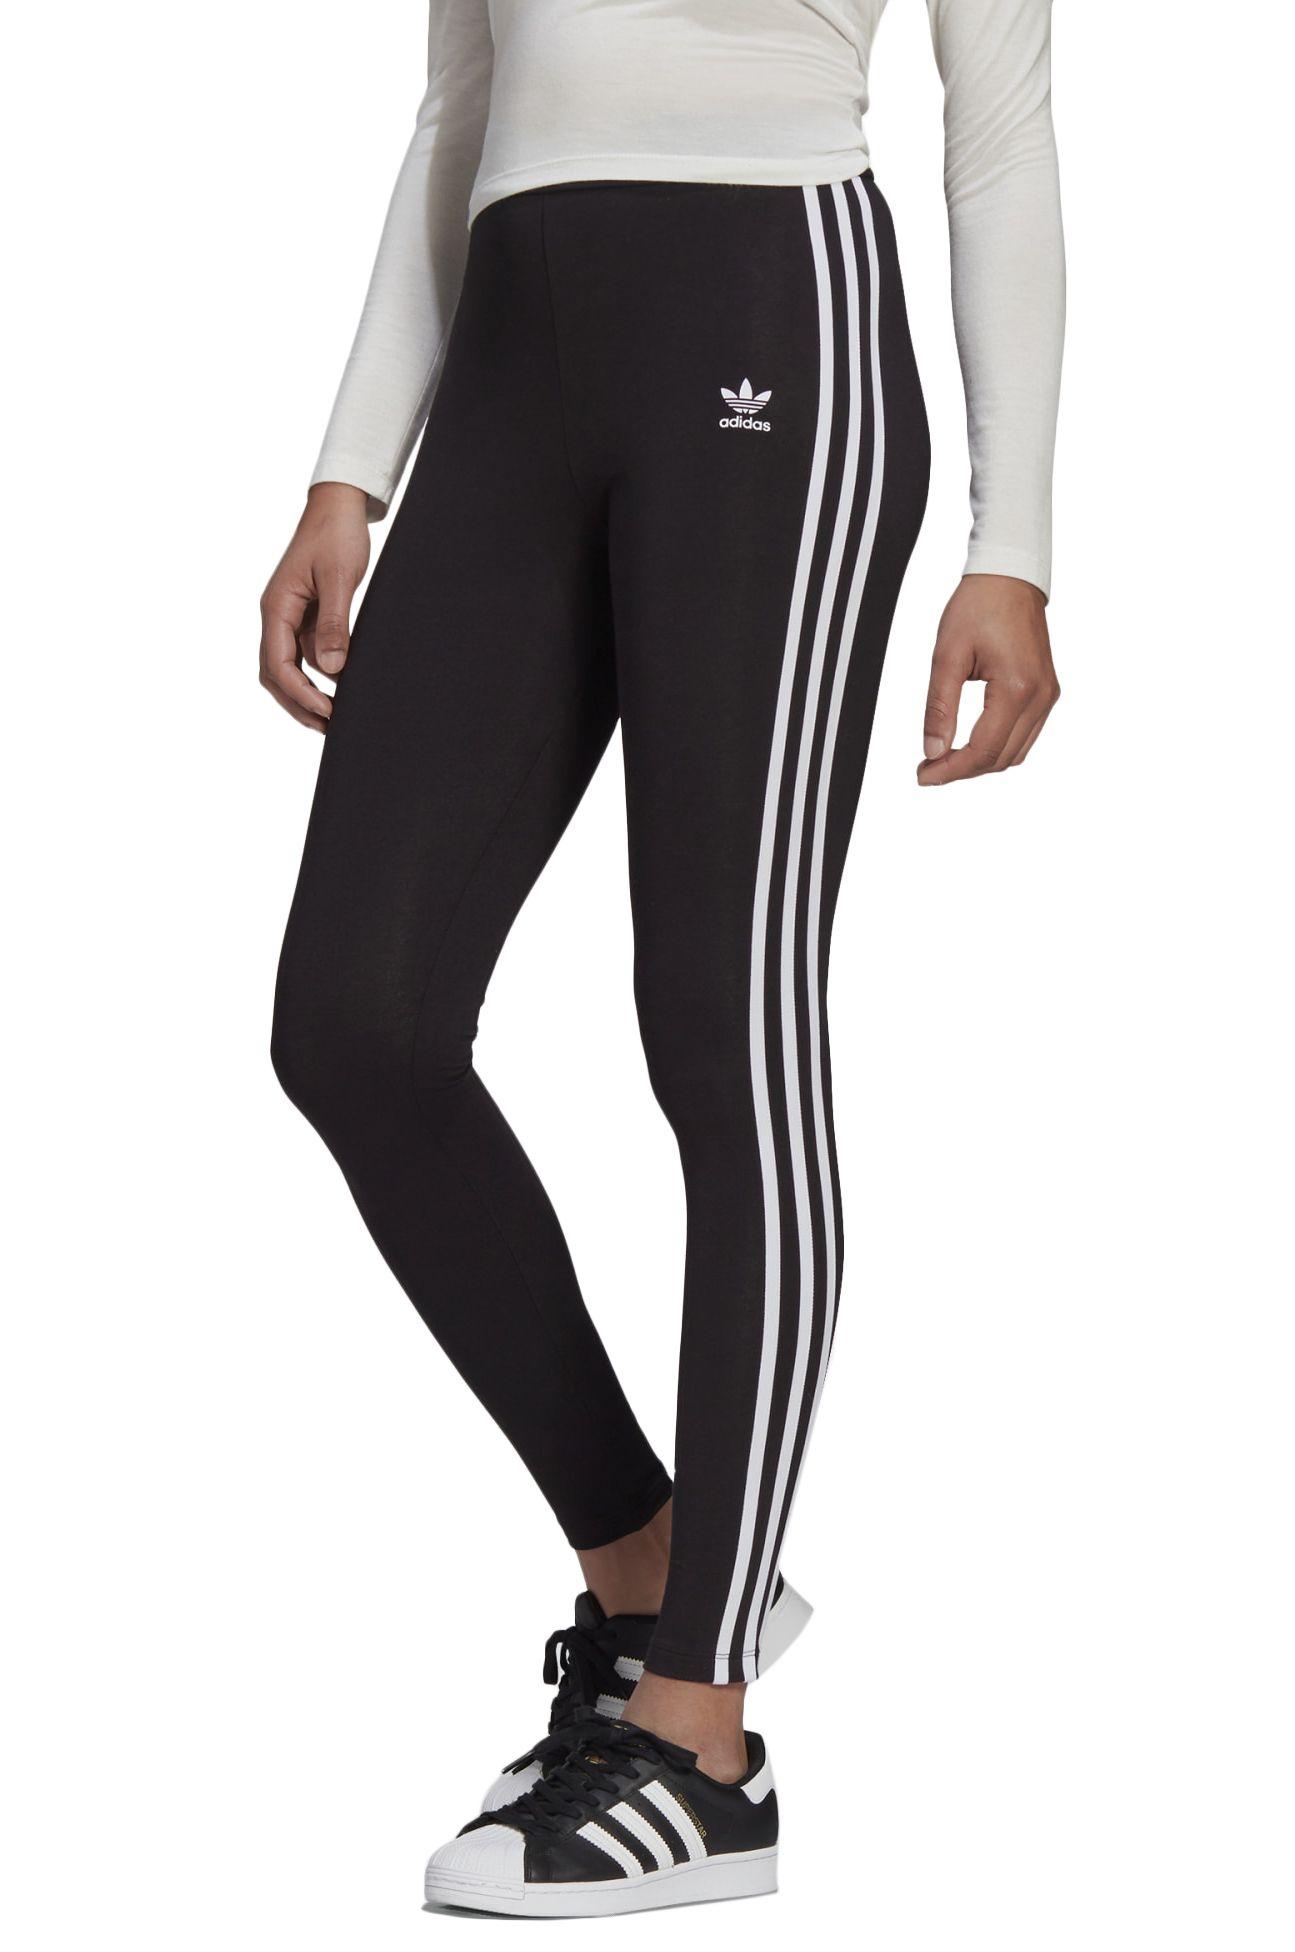 Calças Adidas 3 STR TIGHT Black